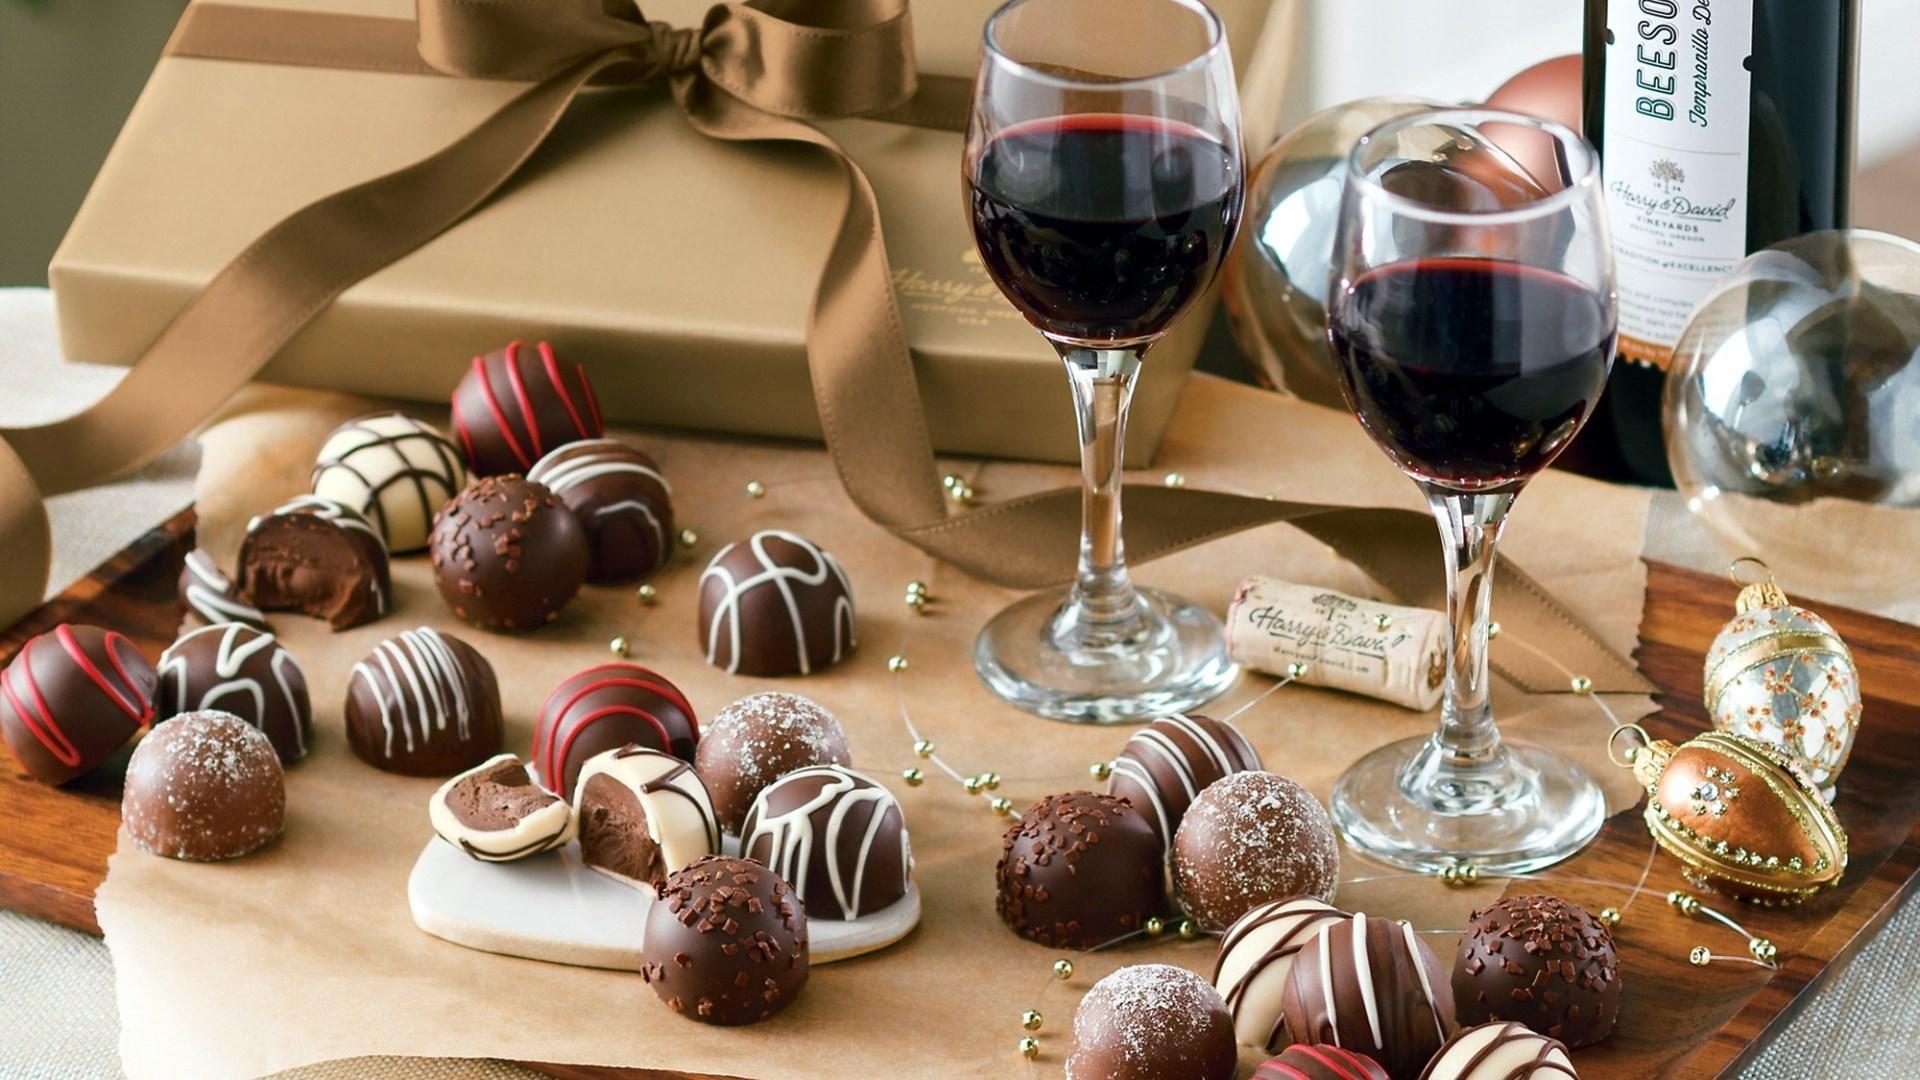 Минздрав РФ собирается предупреждать саратовцев о вреде шоколада и алкоголя